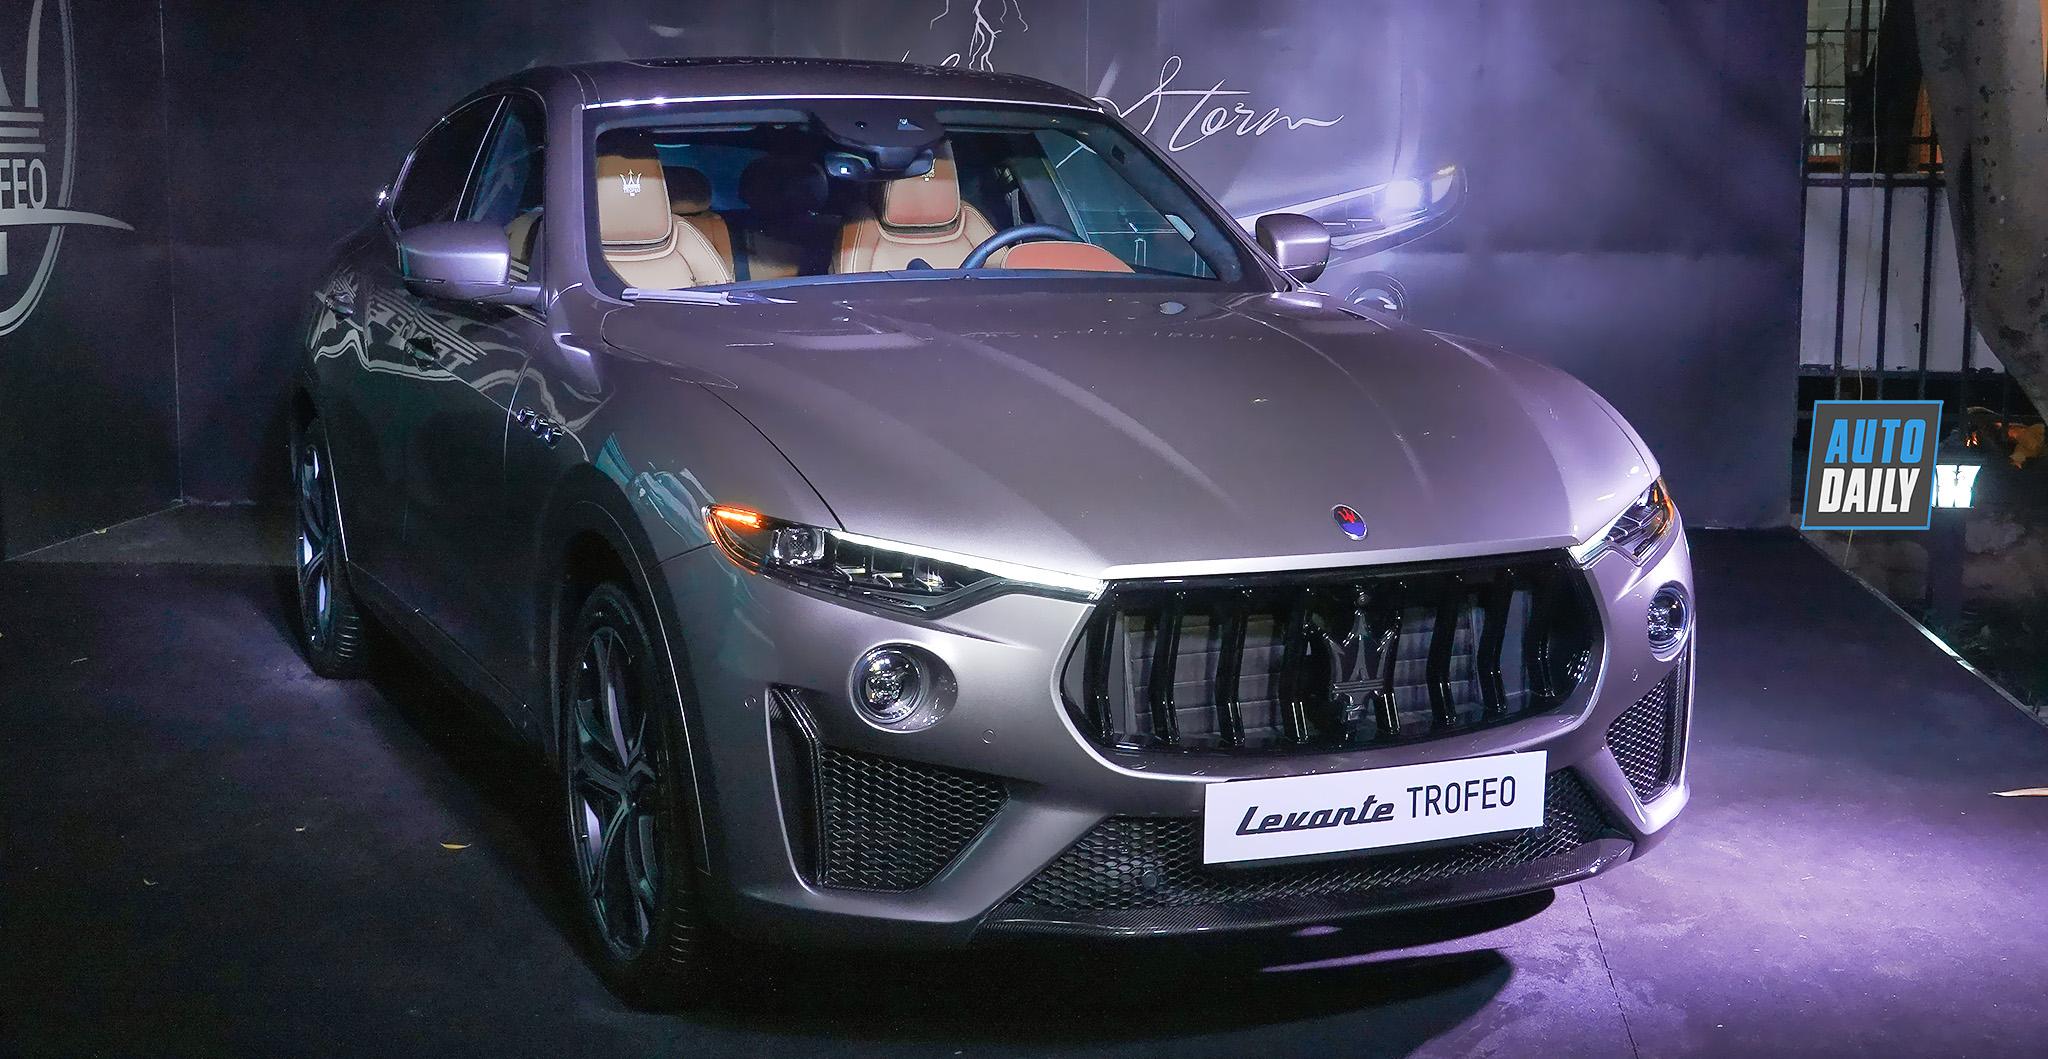 Siêu SUV Maserati Levante Trofeo hơn 14 tỷ ra mắt tại Việt Nam